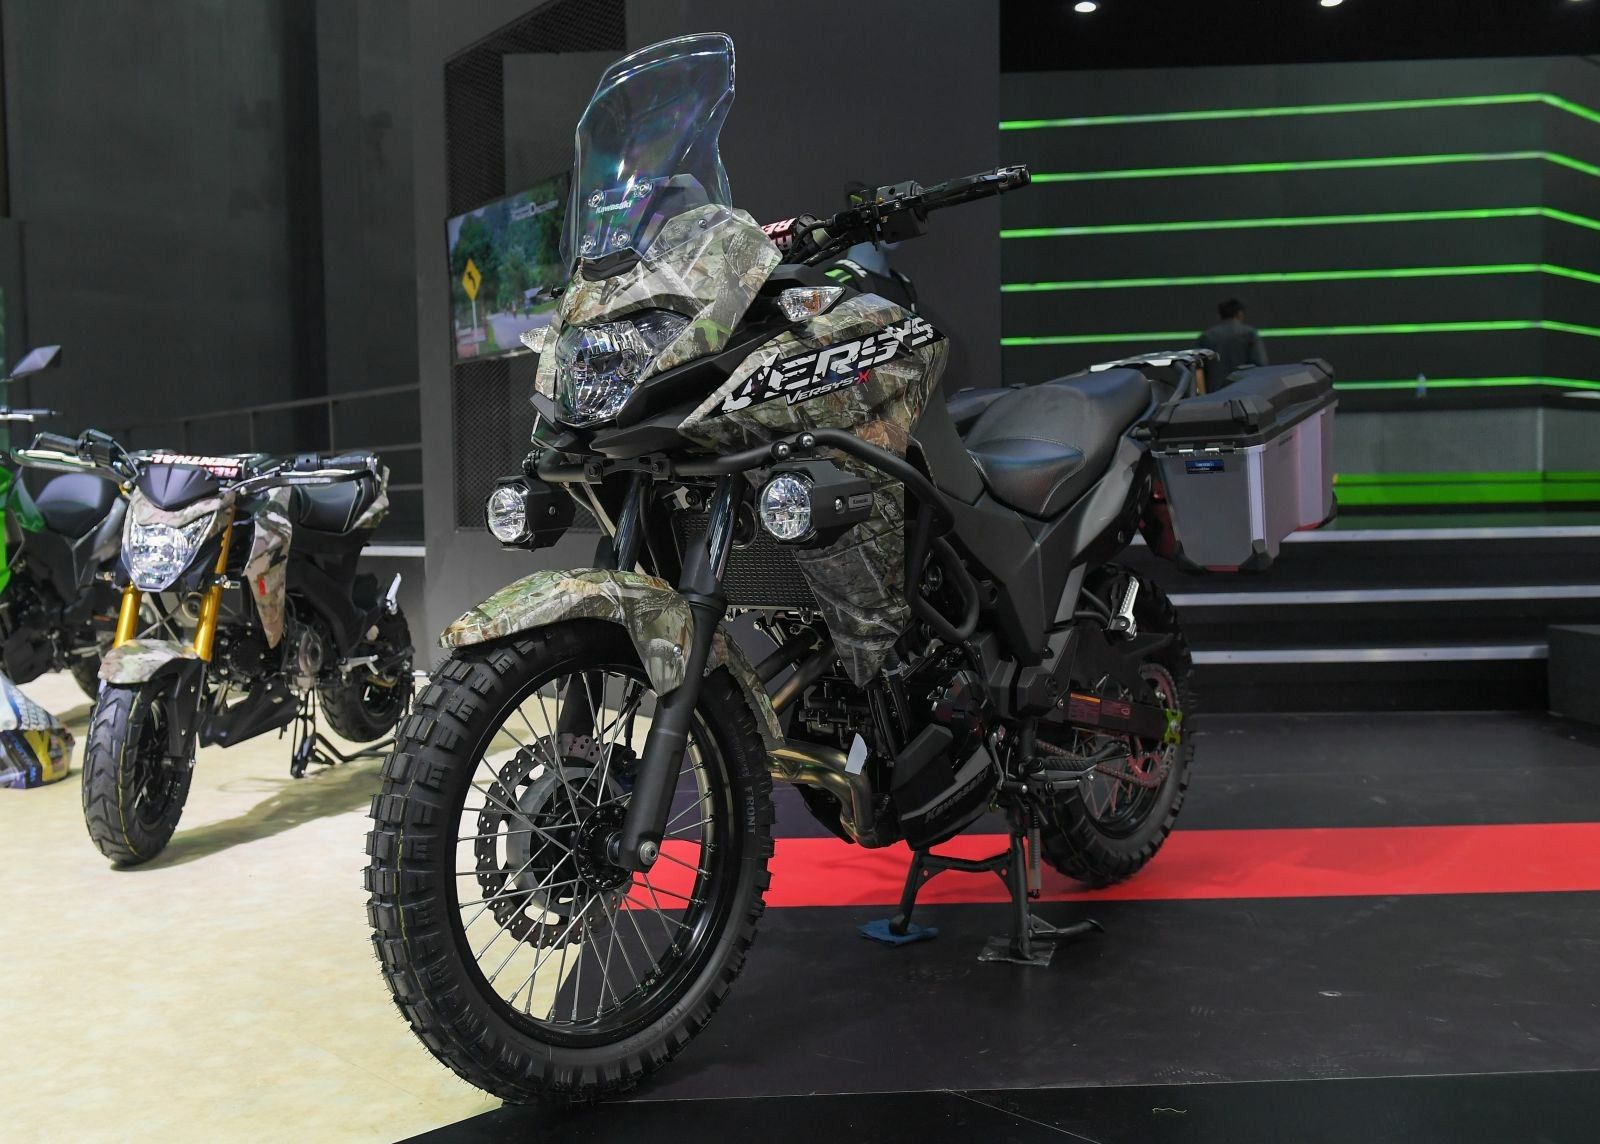 Motorcycle, Bike, Cars